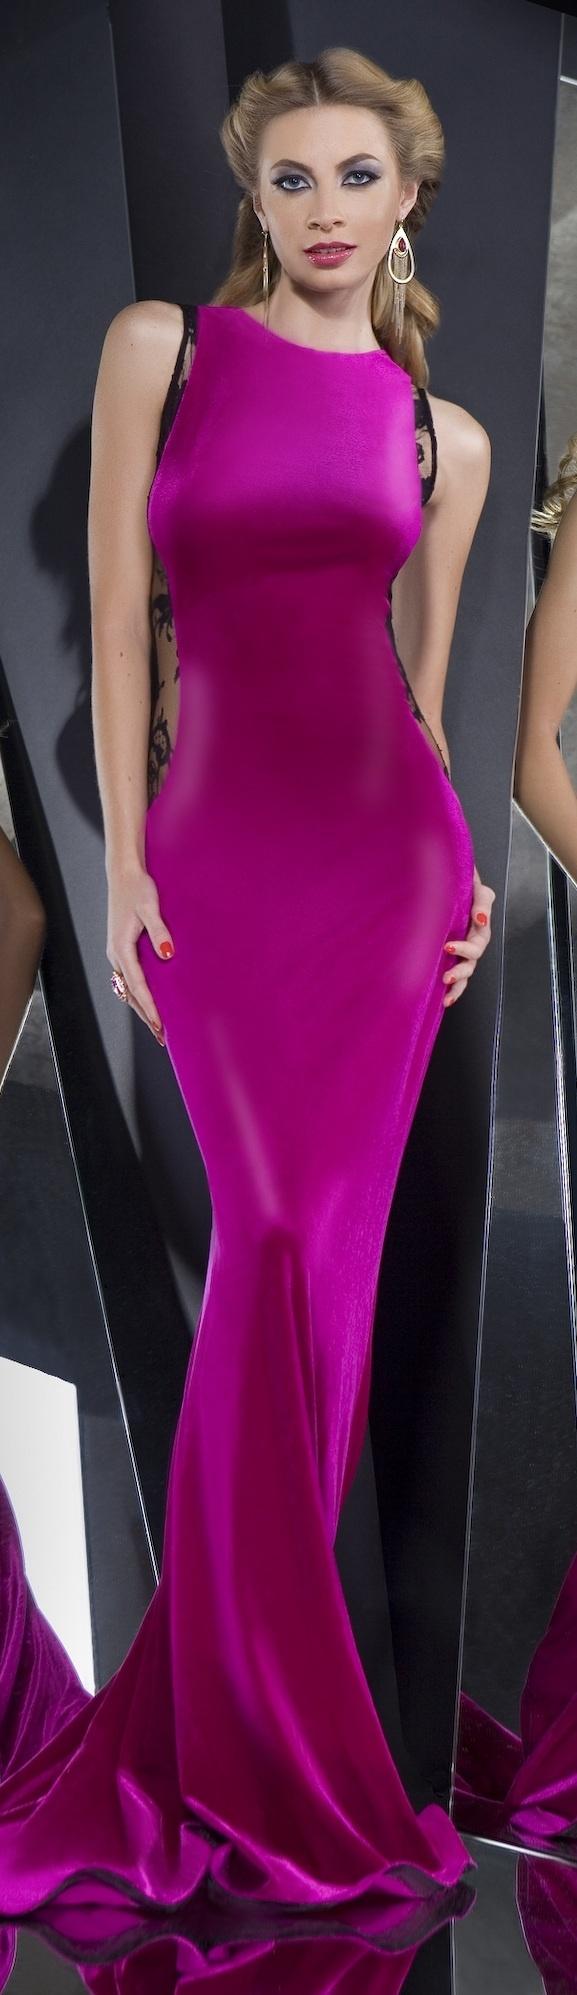 Pin de Aramatlm González en Moda Rosa | Pinterest | Moda rosada ...